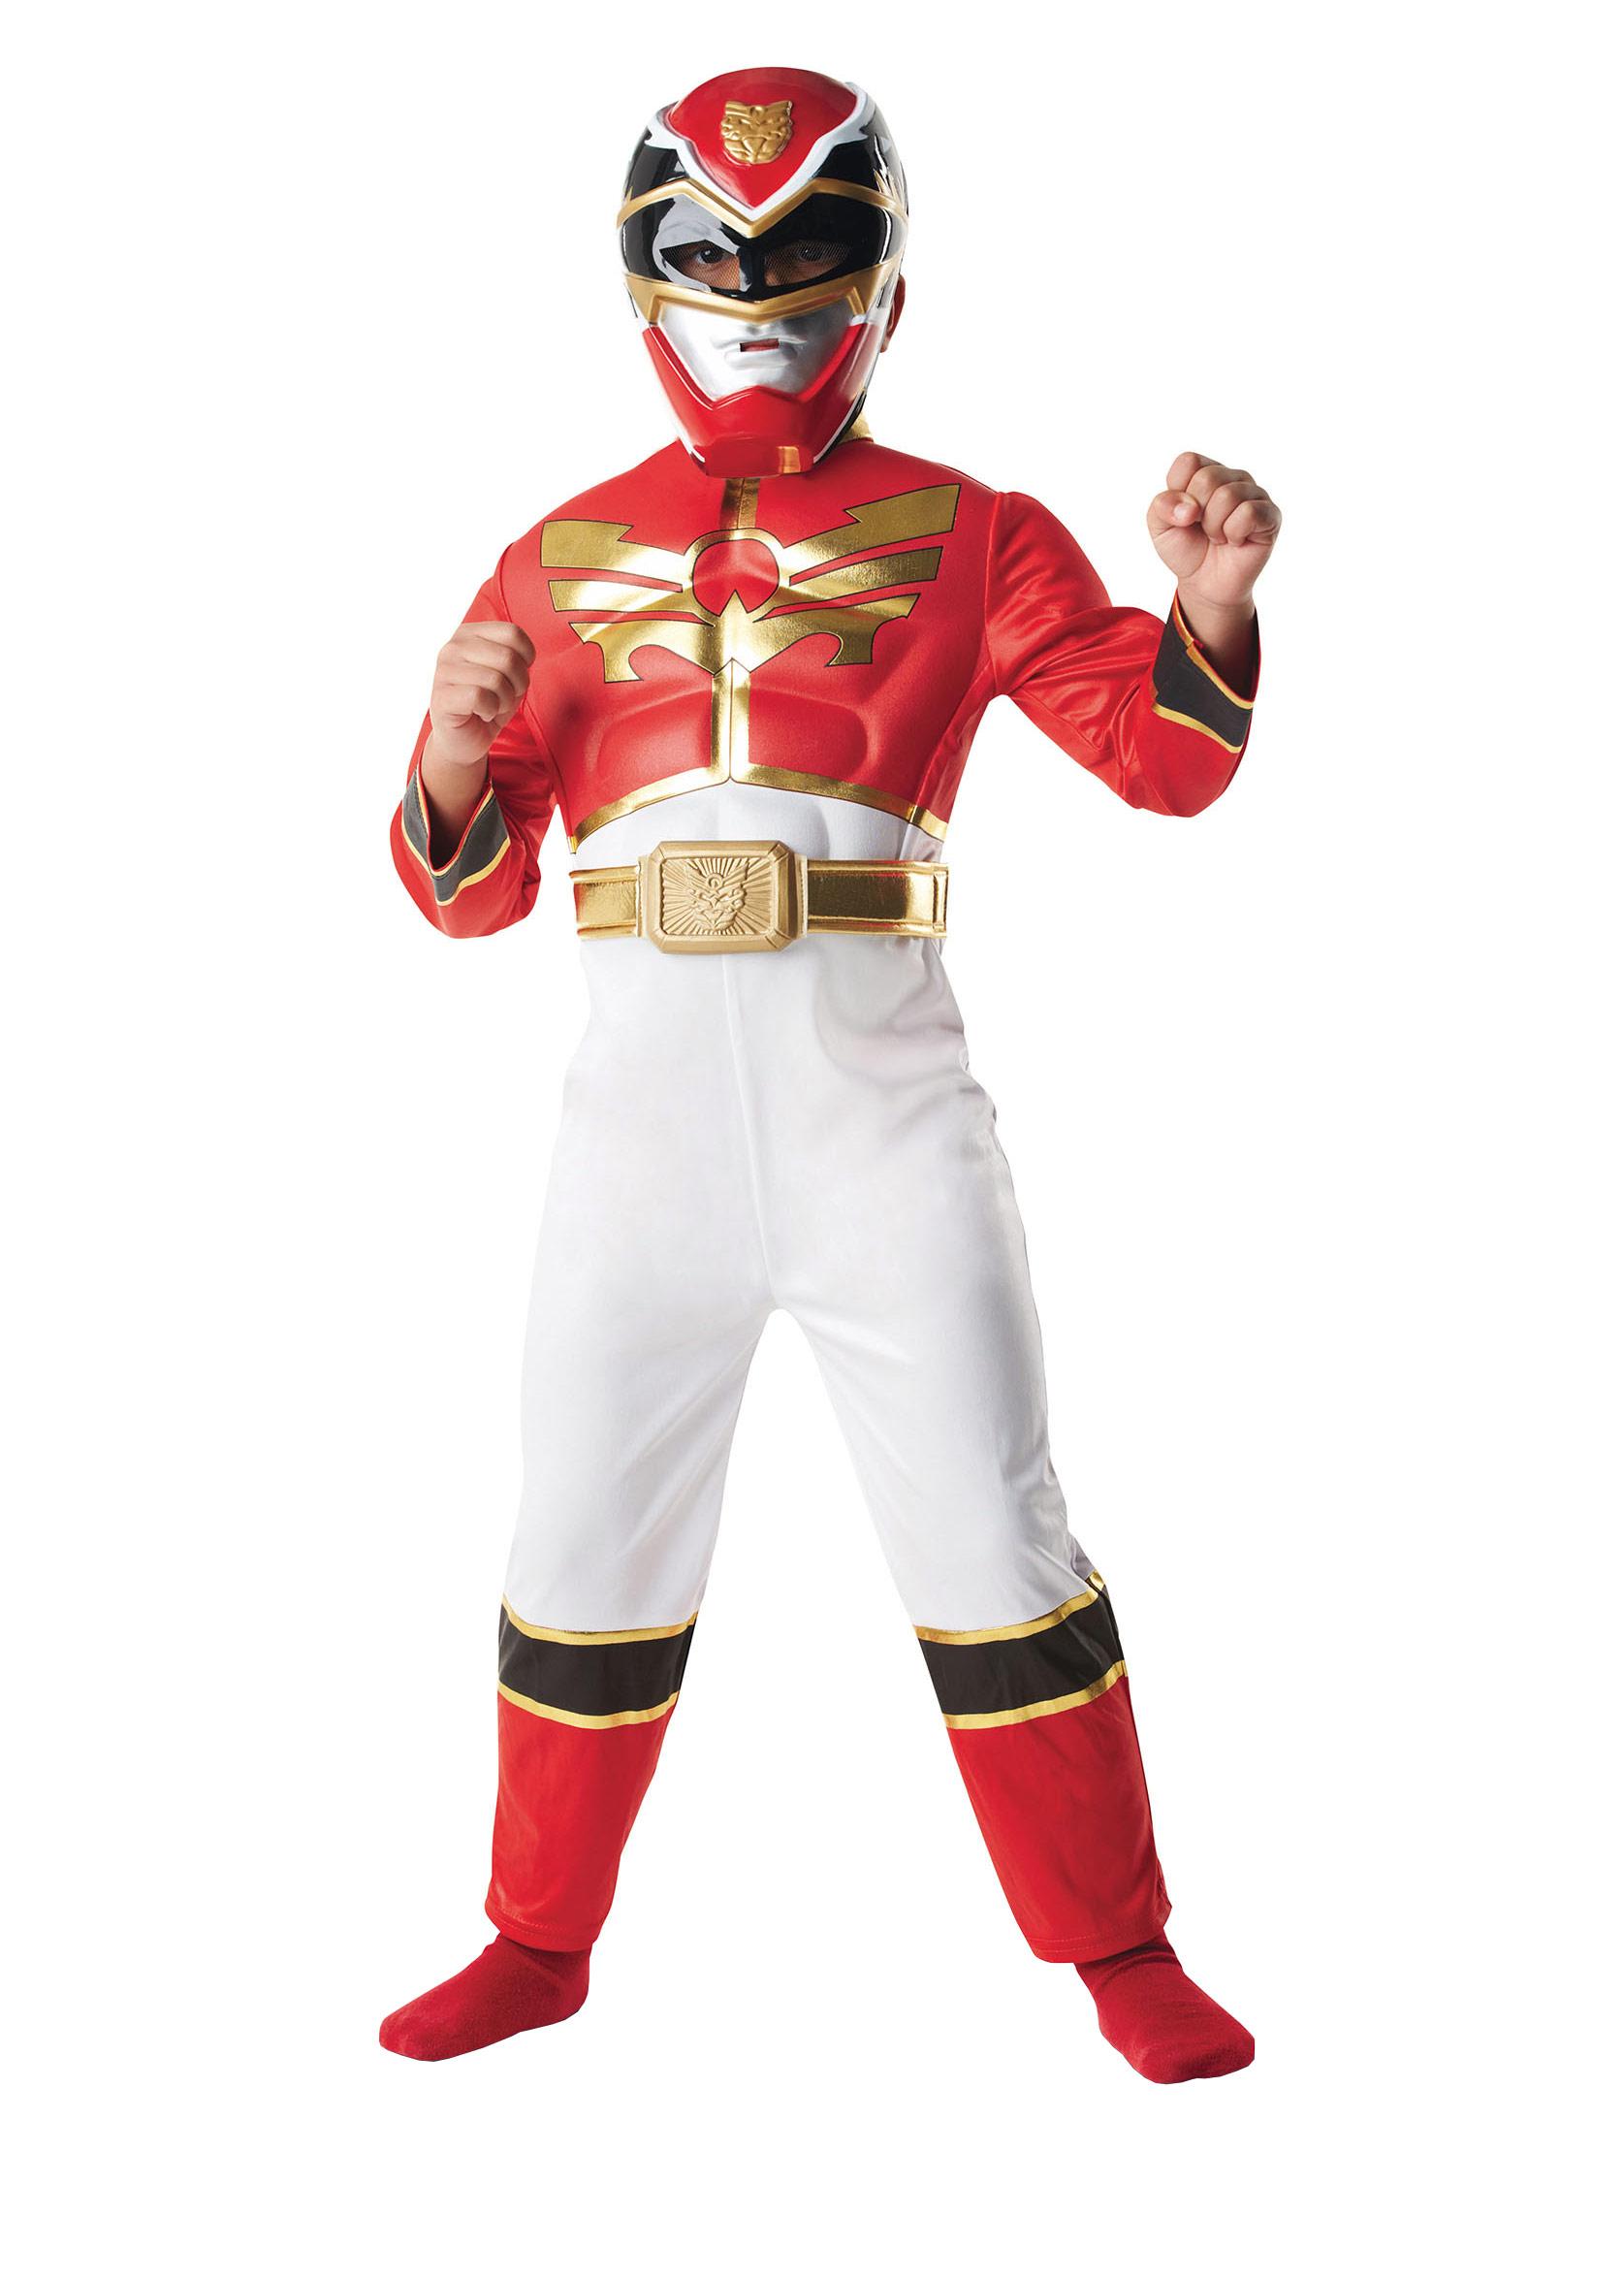 D guisement rembourr power rangers megaforce rouge gar on deguise toi achat de d guisements - Foto de garcon ...